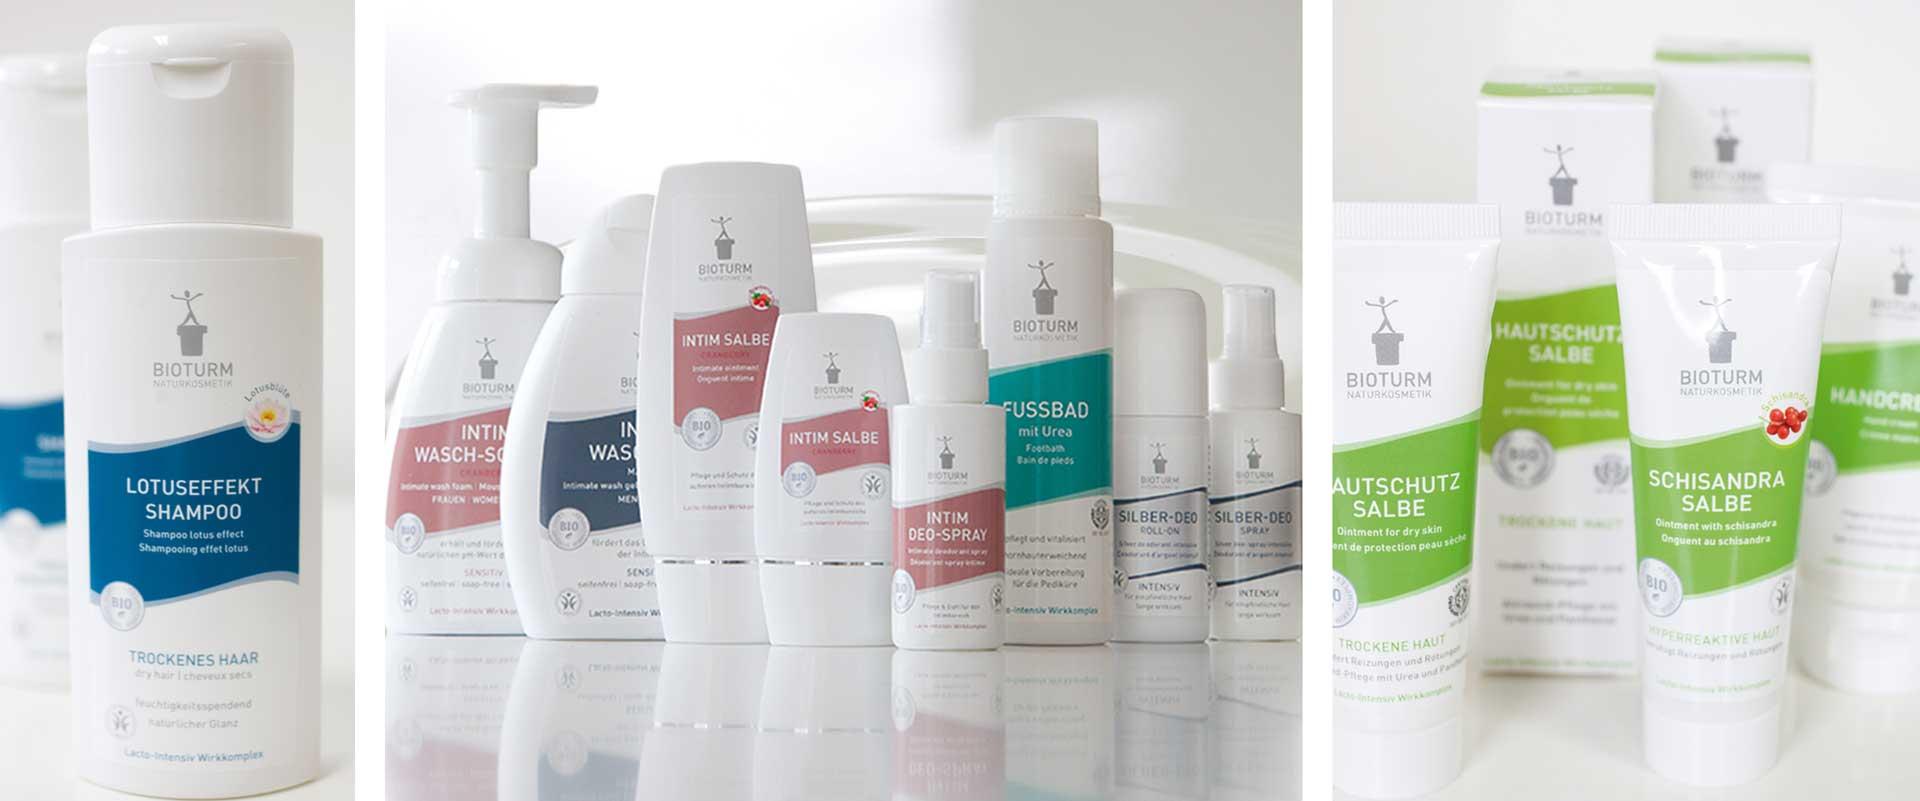 Kosmetik Verpackung Bioturm von Designagentur Köln